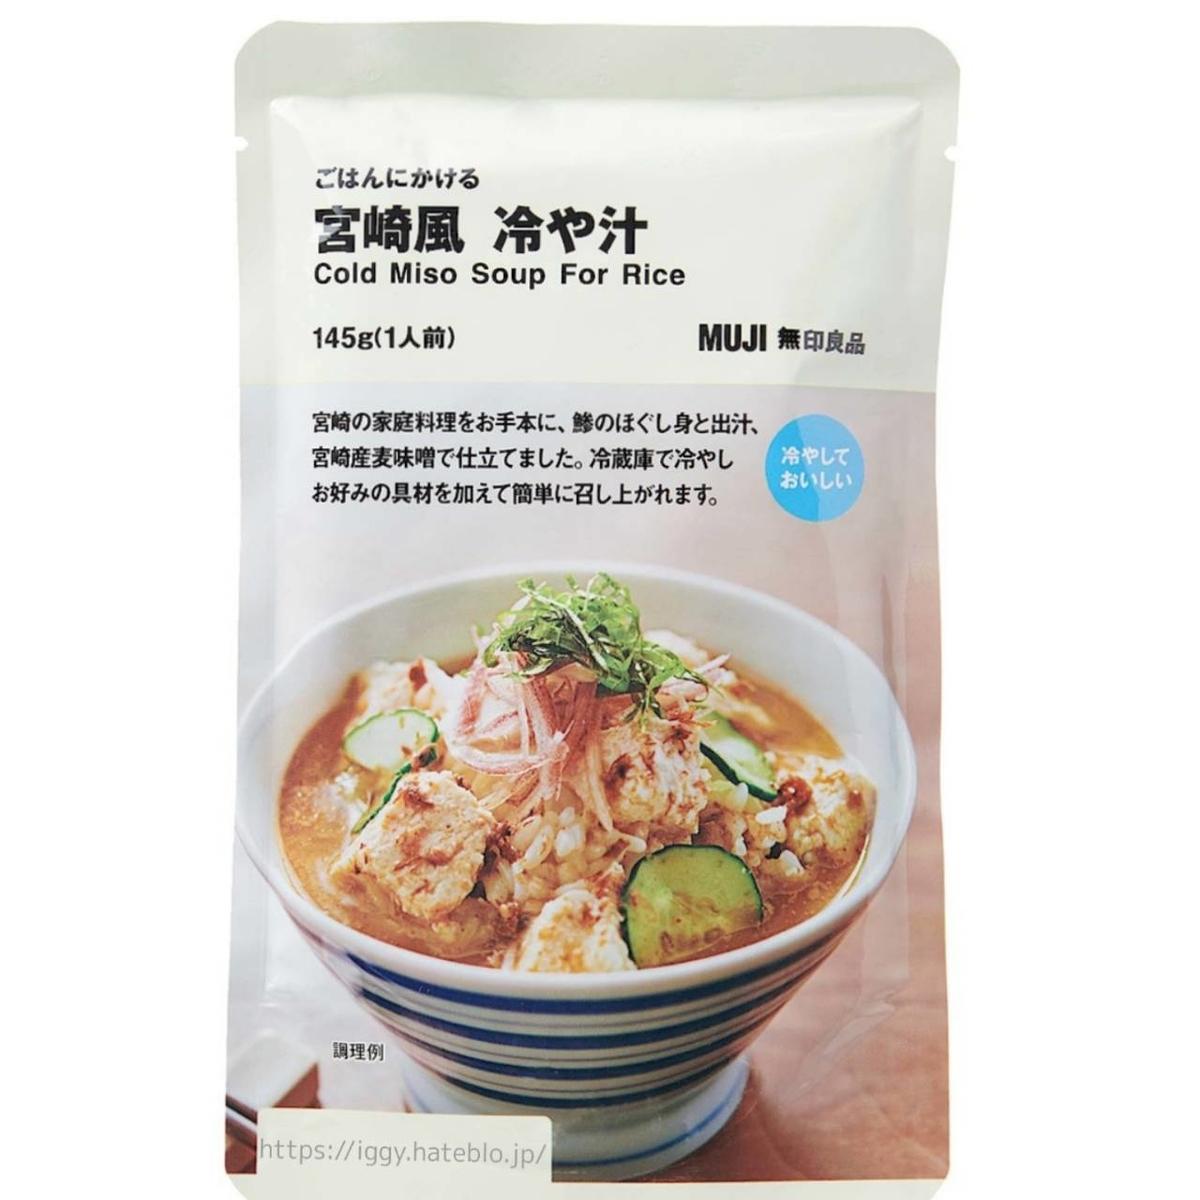 無印良品「宮崎風 冷や汁」原材料・栄養成分 口コミ